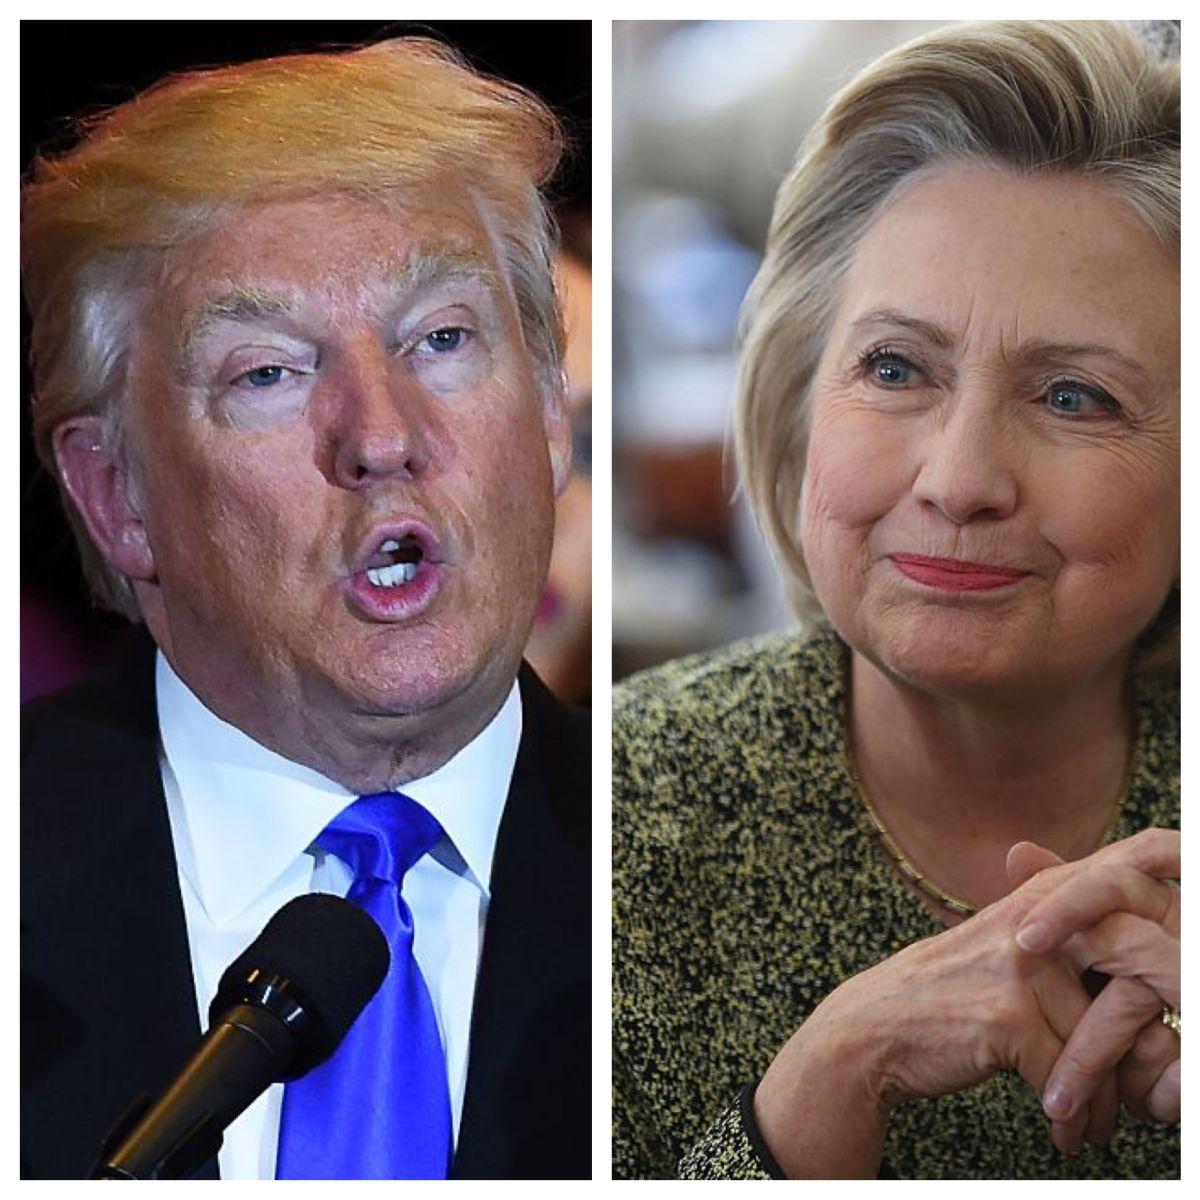 ¿Cómo será la batalla Trump vs Clinton? Las estrategias que usarán los candidatos